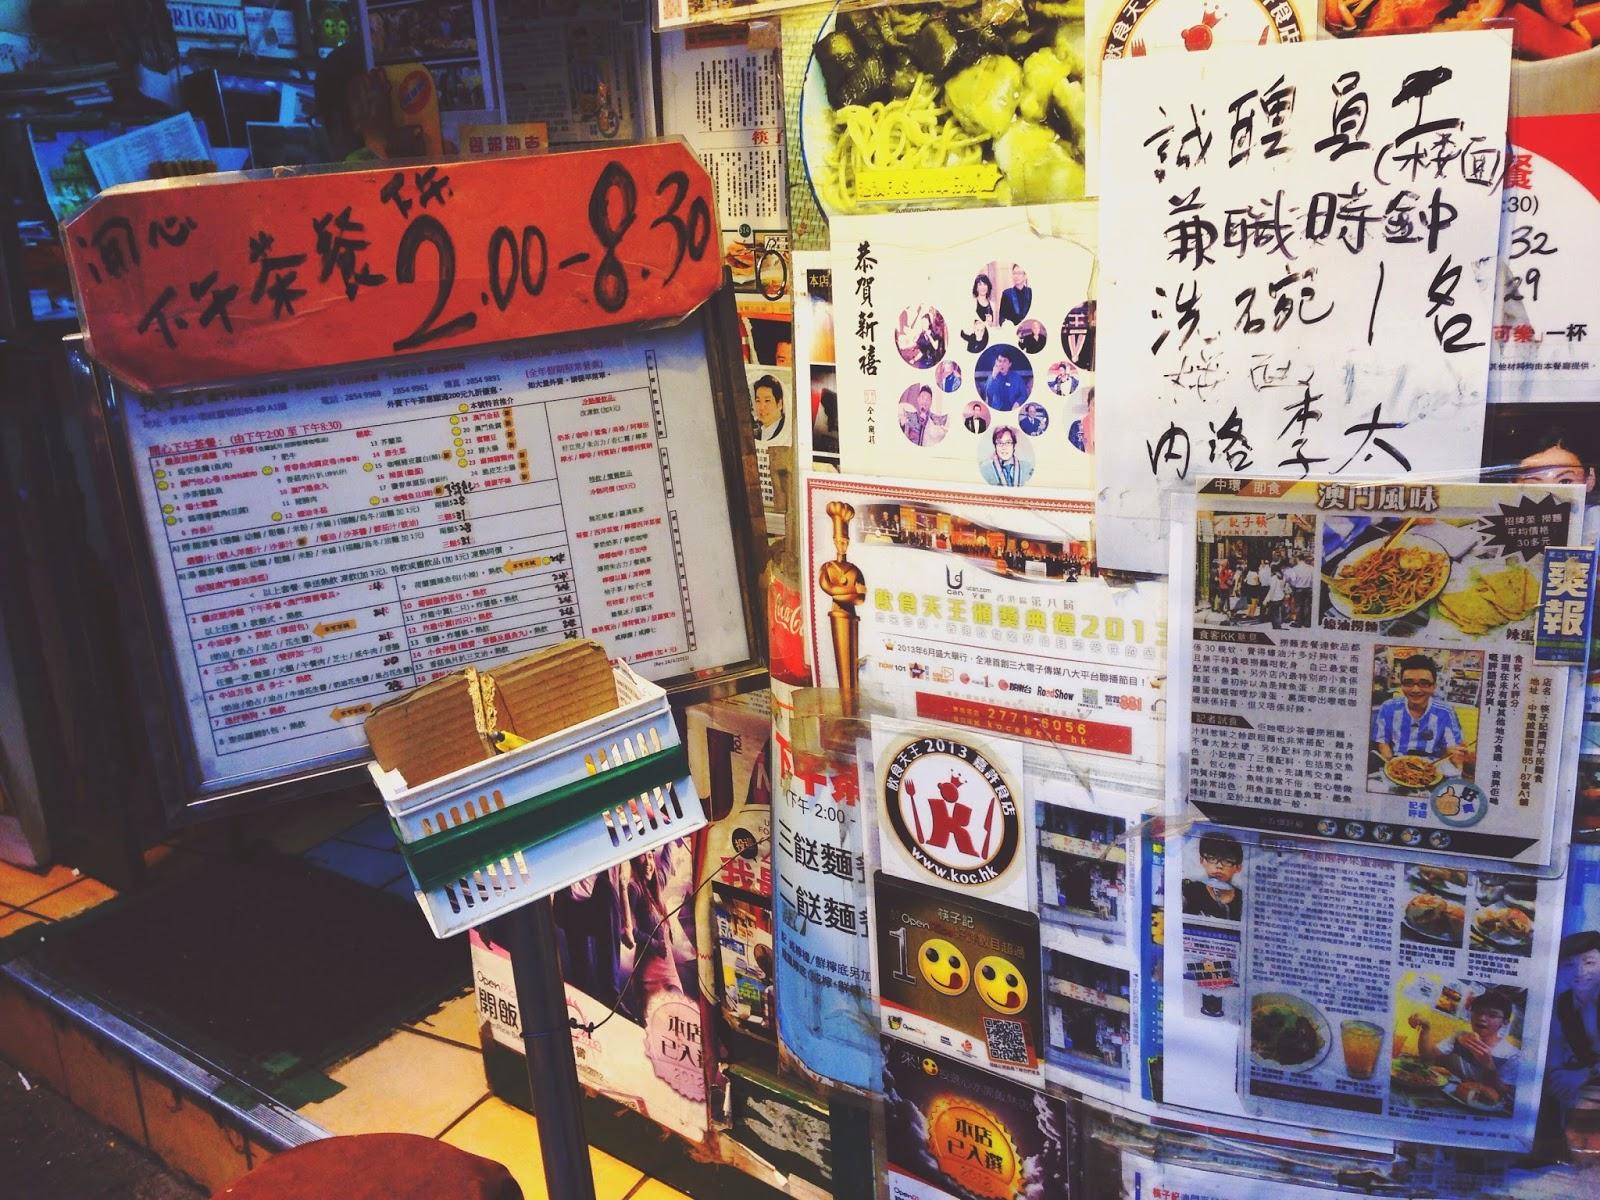 Chopsticks Kee Hong Kong Menu